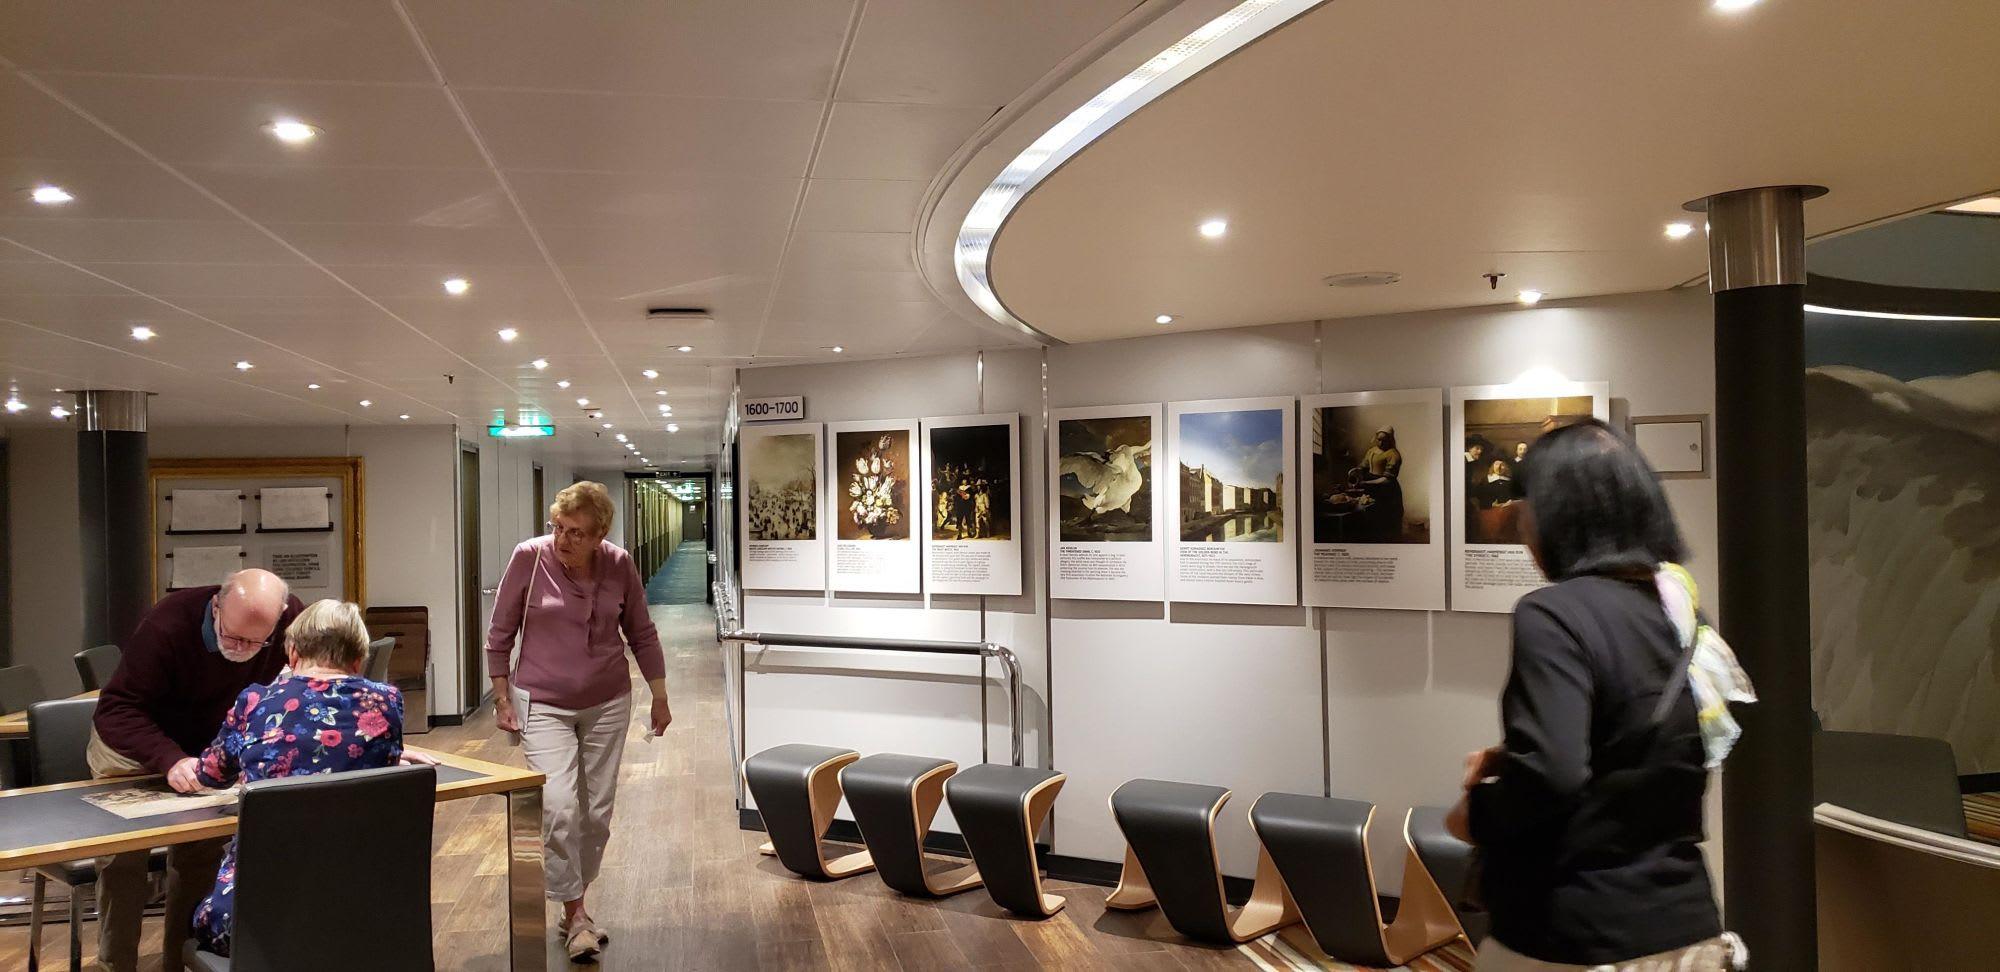 ミュージアムと銘打った空間 画集やパズル、塗り絵などが在ります